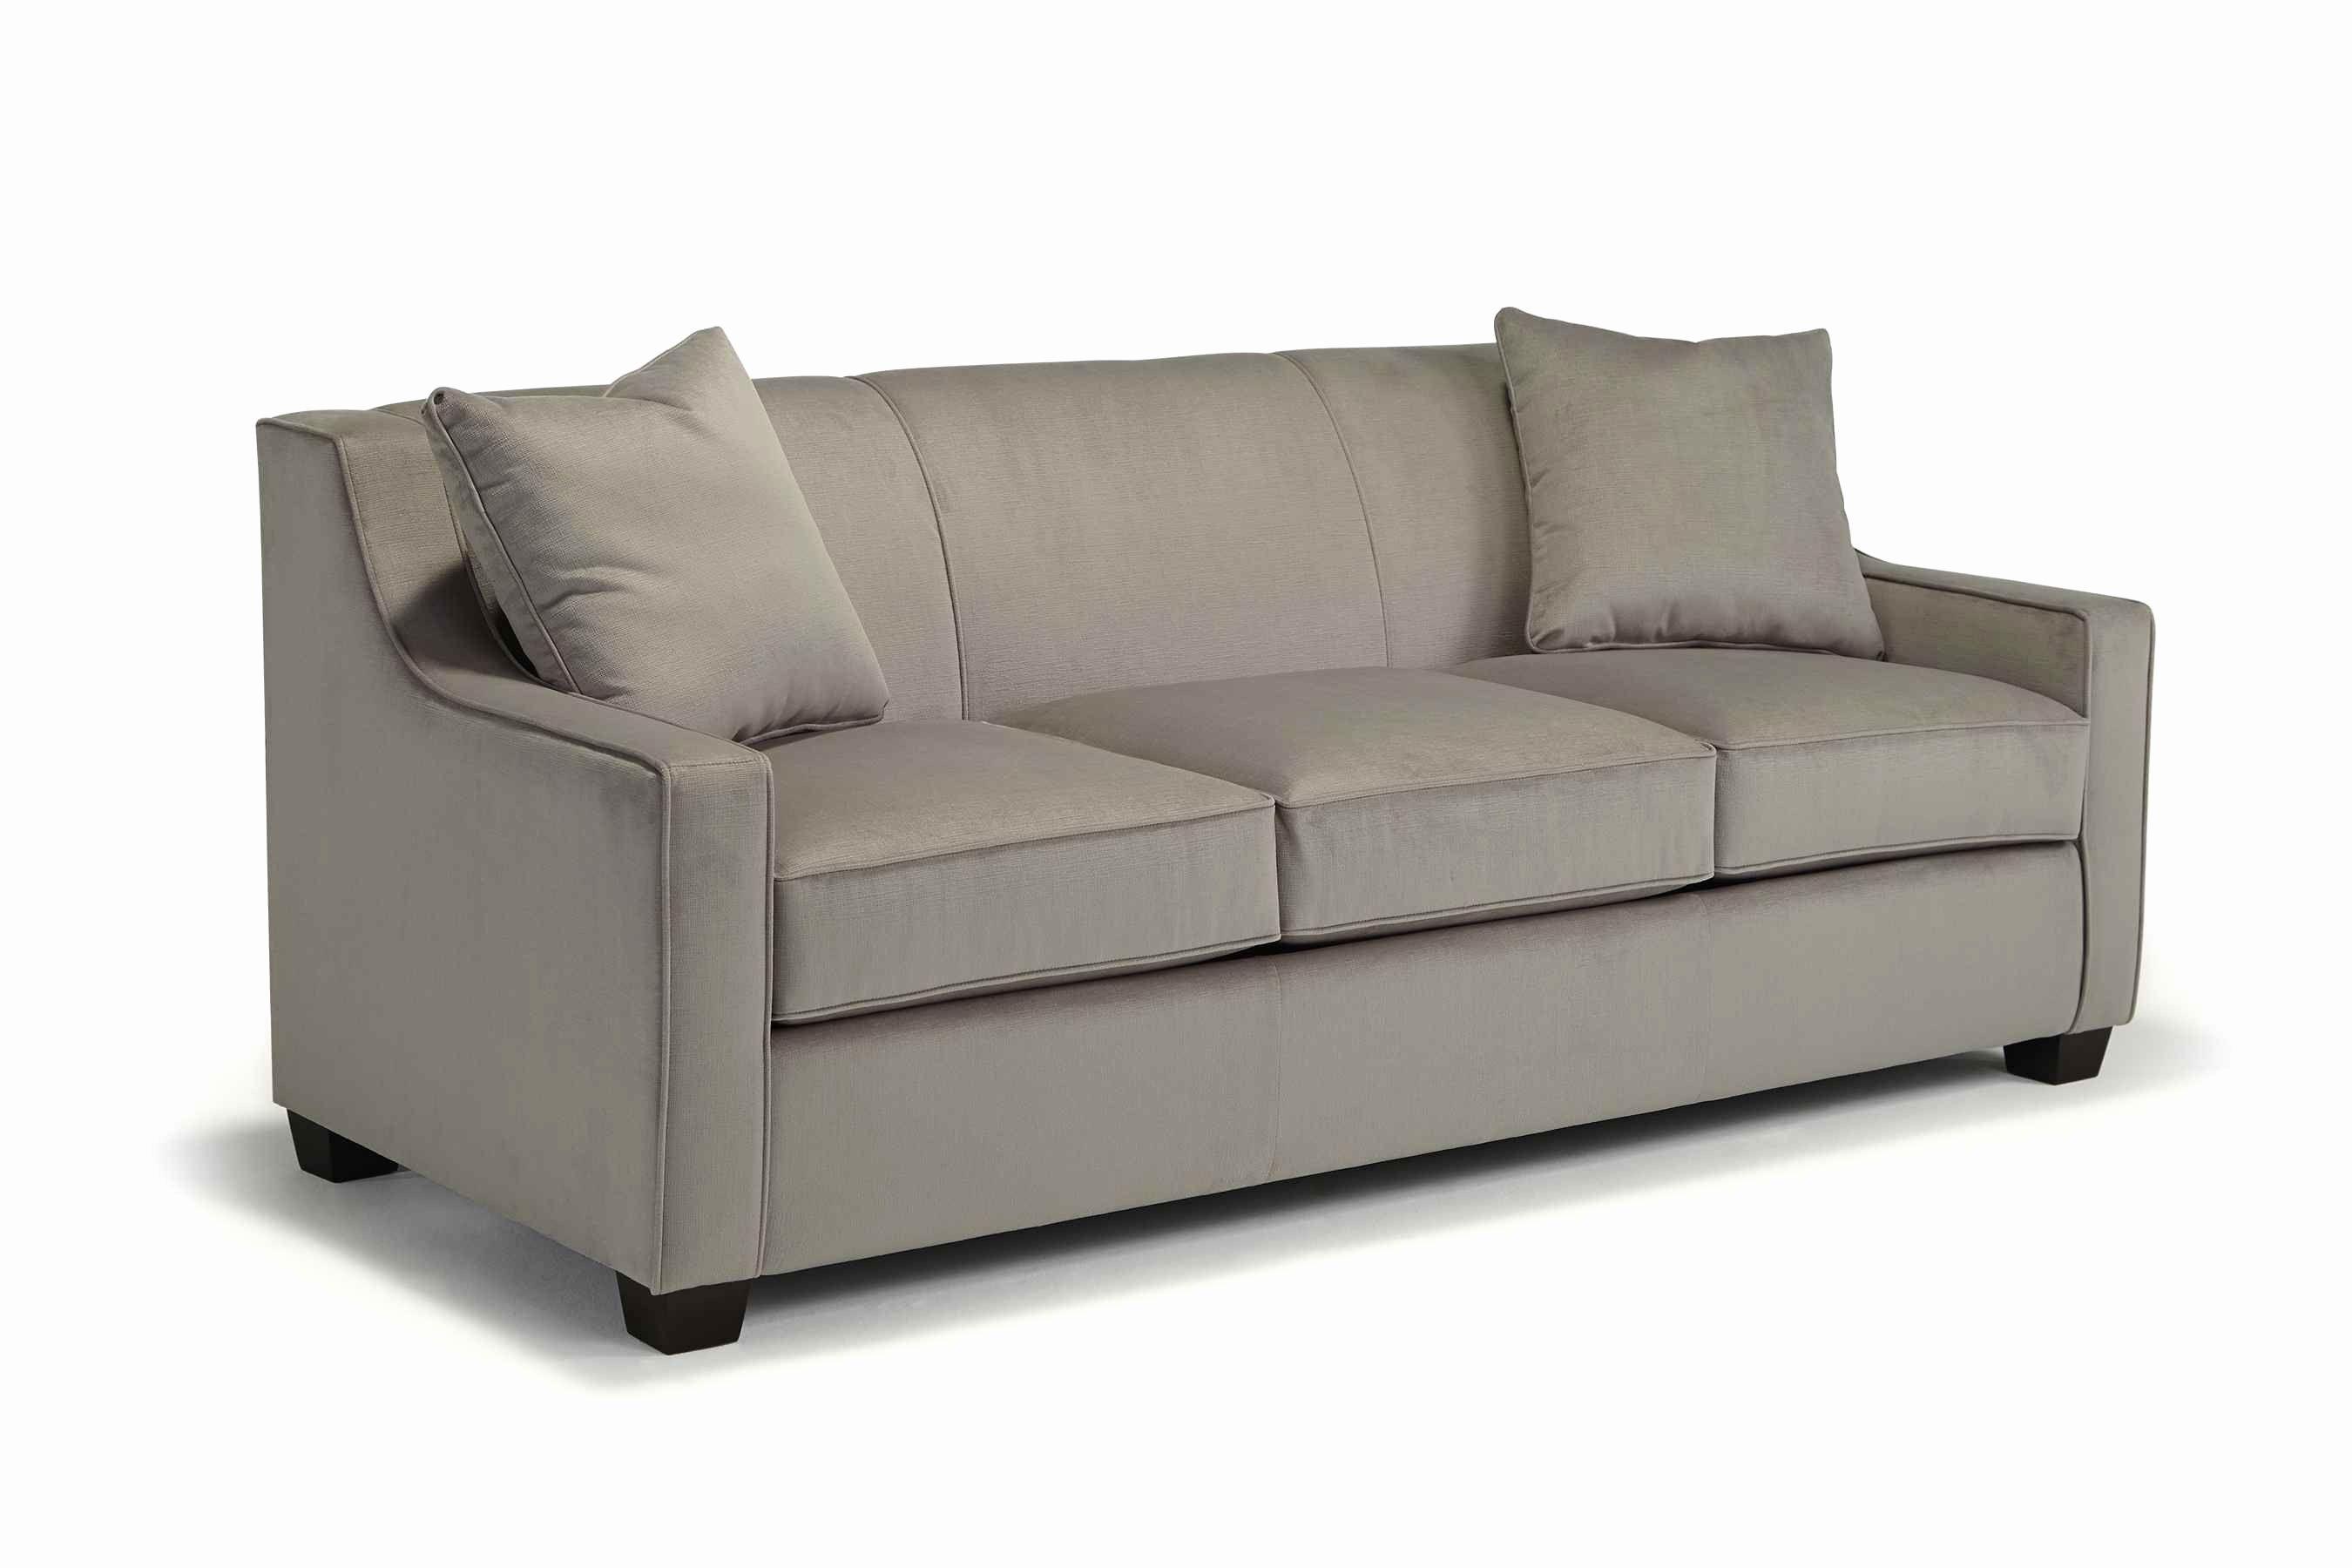 Best Sleeper Sofa Mattress Replacement Sleeper Sofa ...